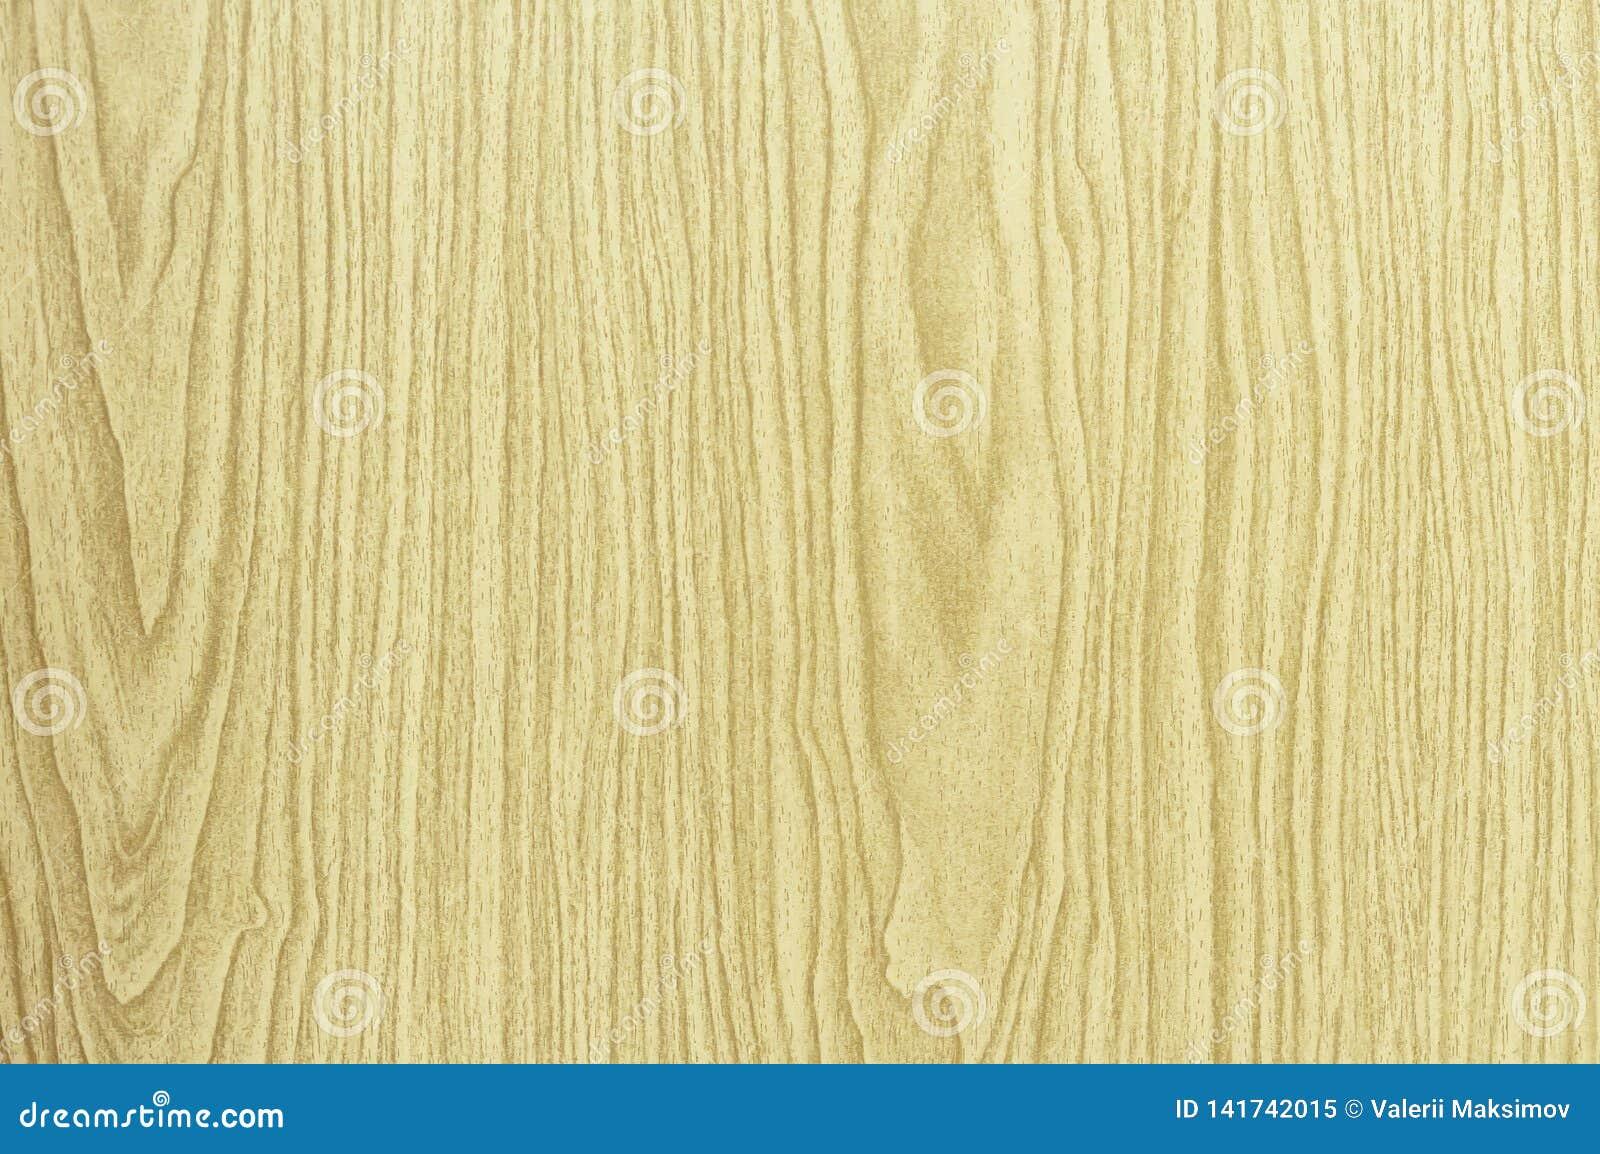 Trä texturerar bakgrund för design och garnering